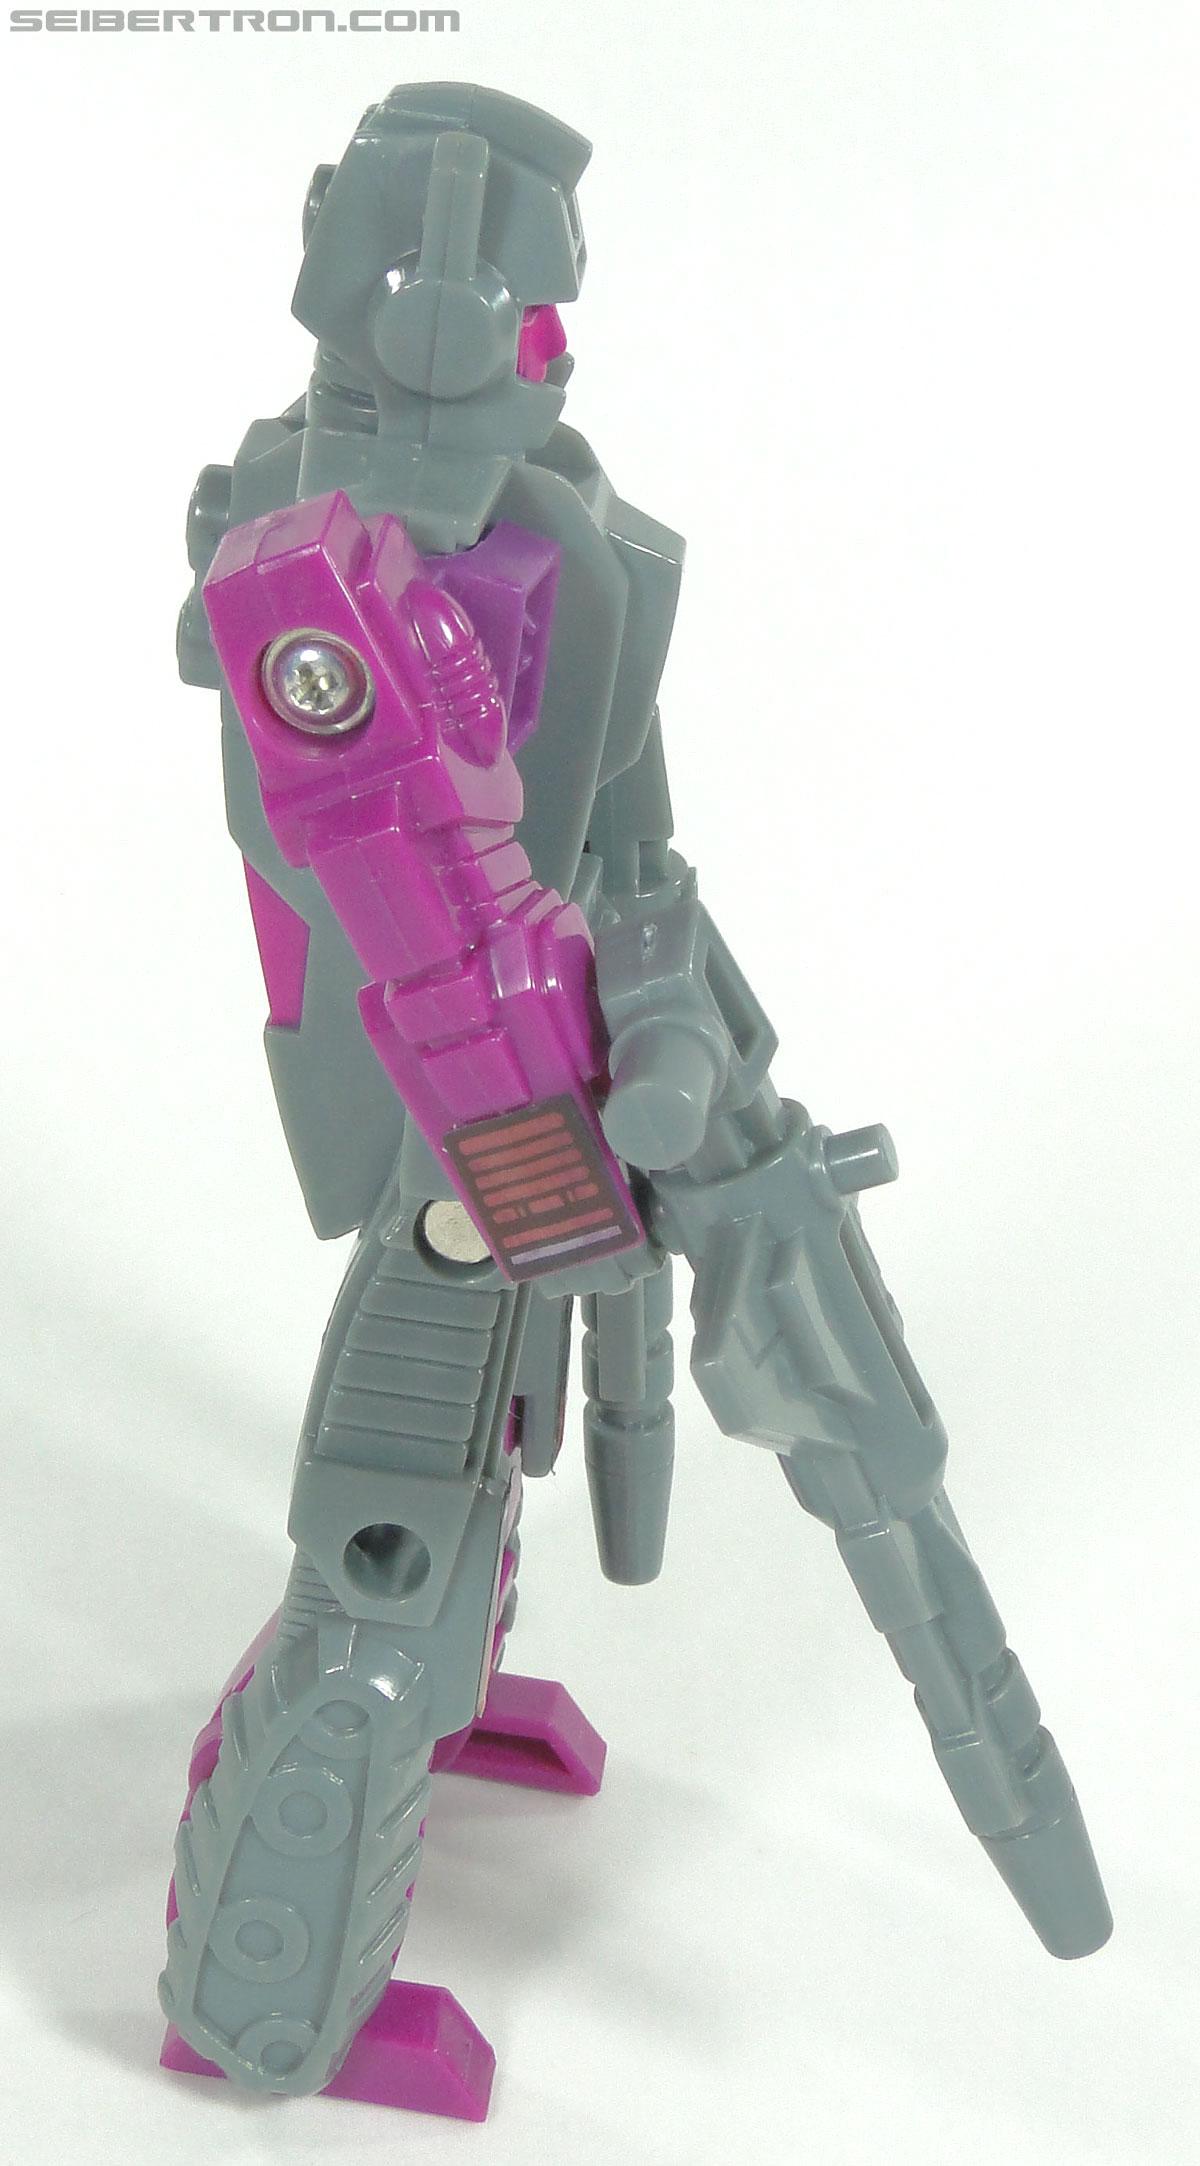 Transformers Super God Masterforce Skullgrin (Dauros) (Image #150 of 196)